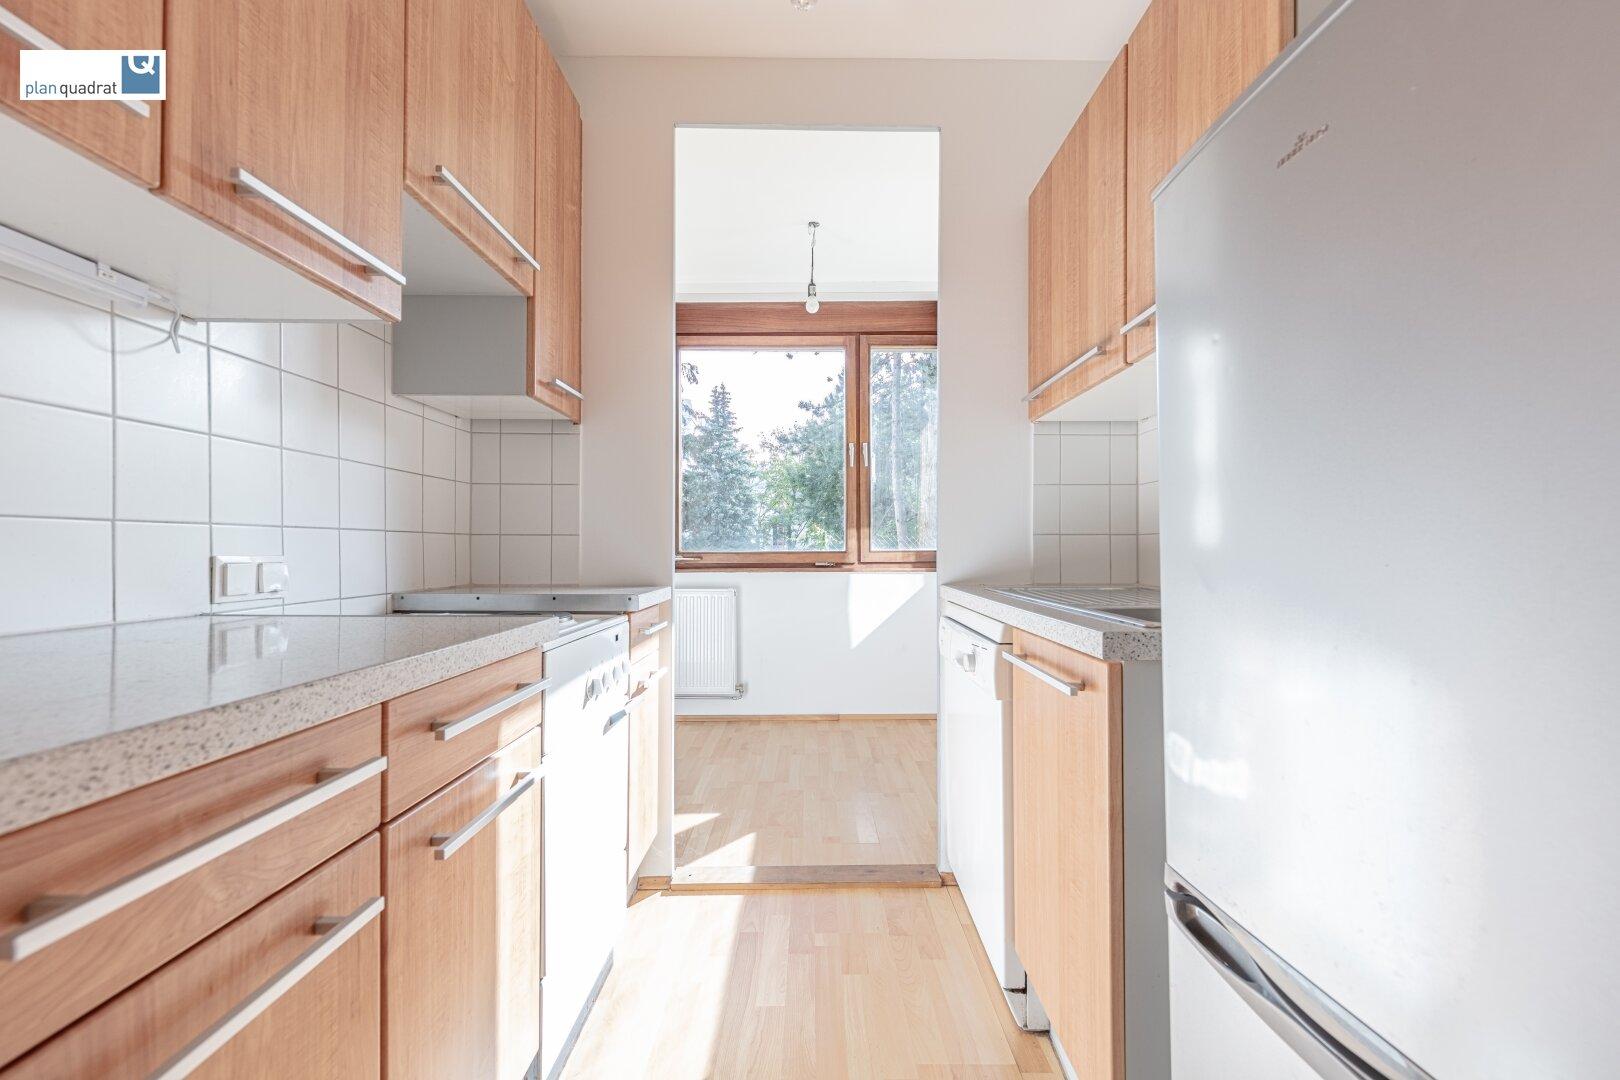 Küche (ca. 6,00 m²)